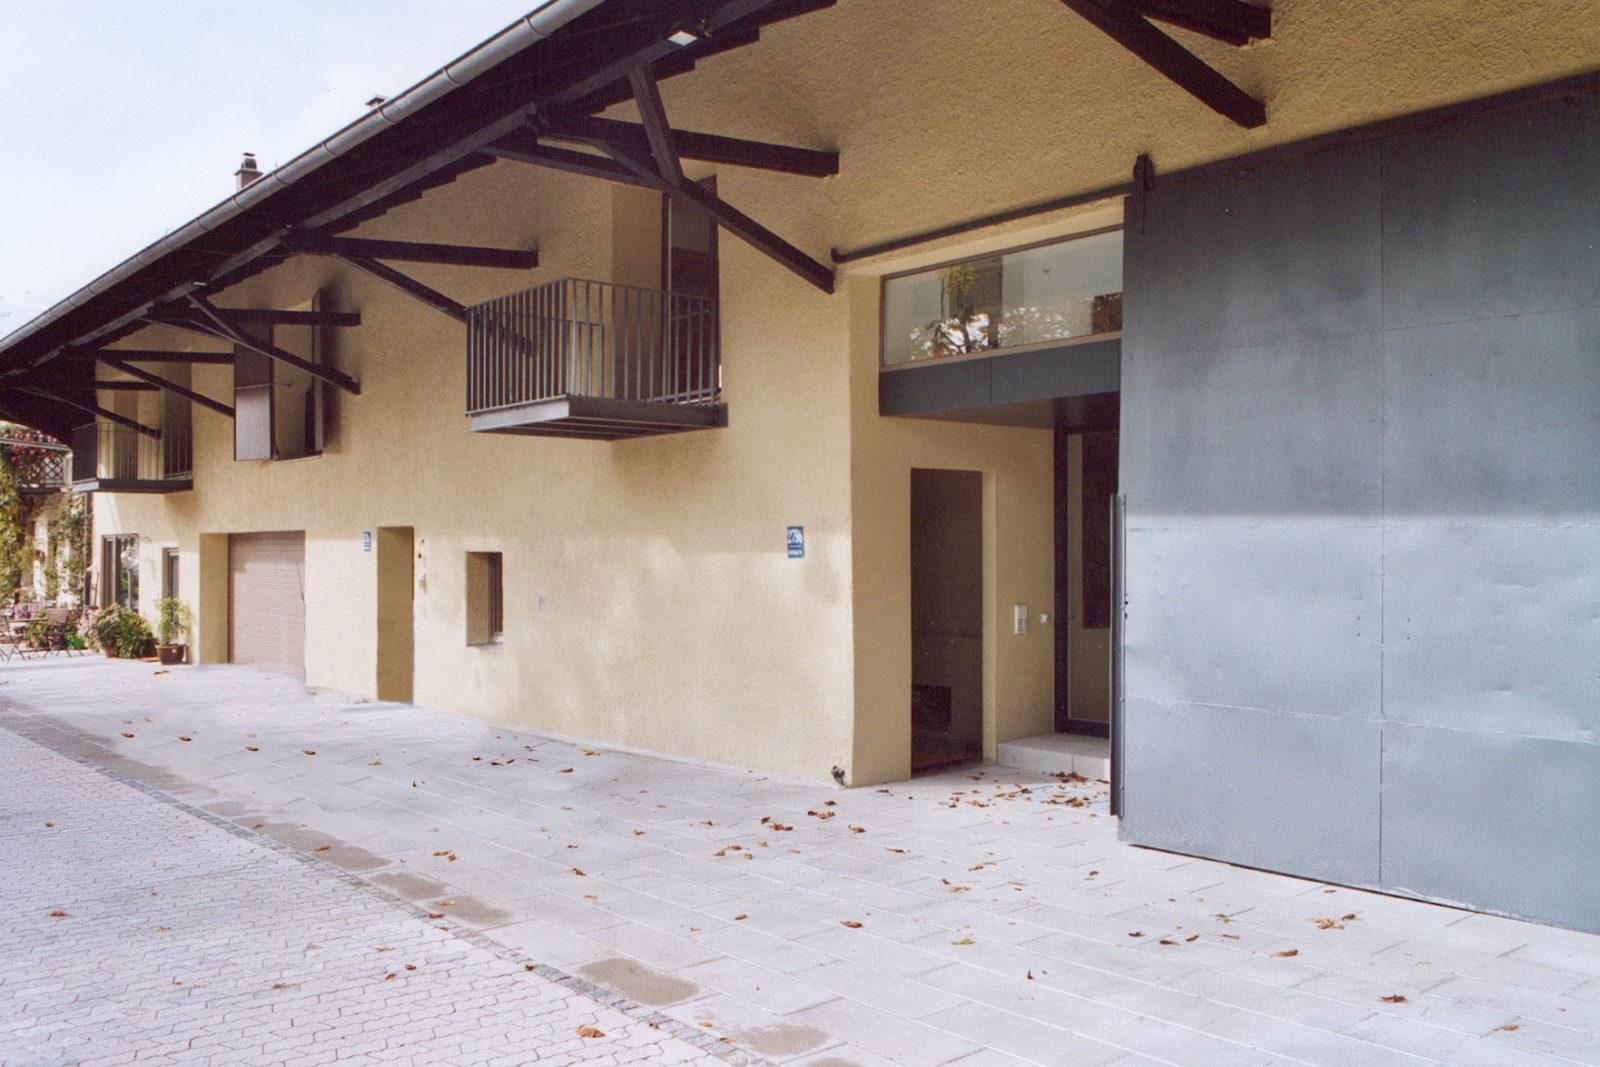 Umbau Scheune Trudering - Hofseite